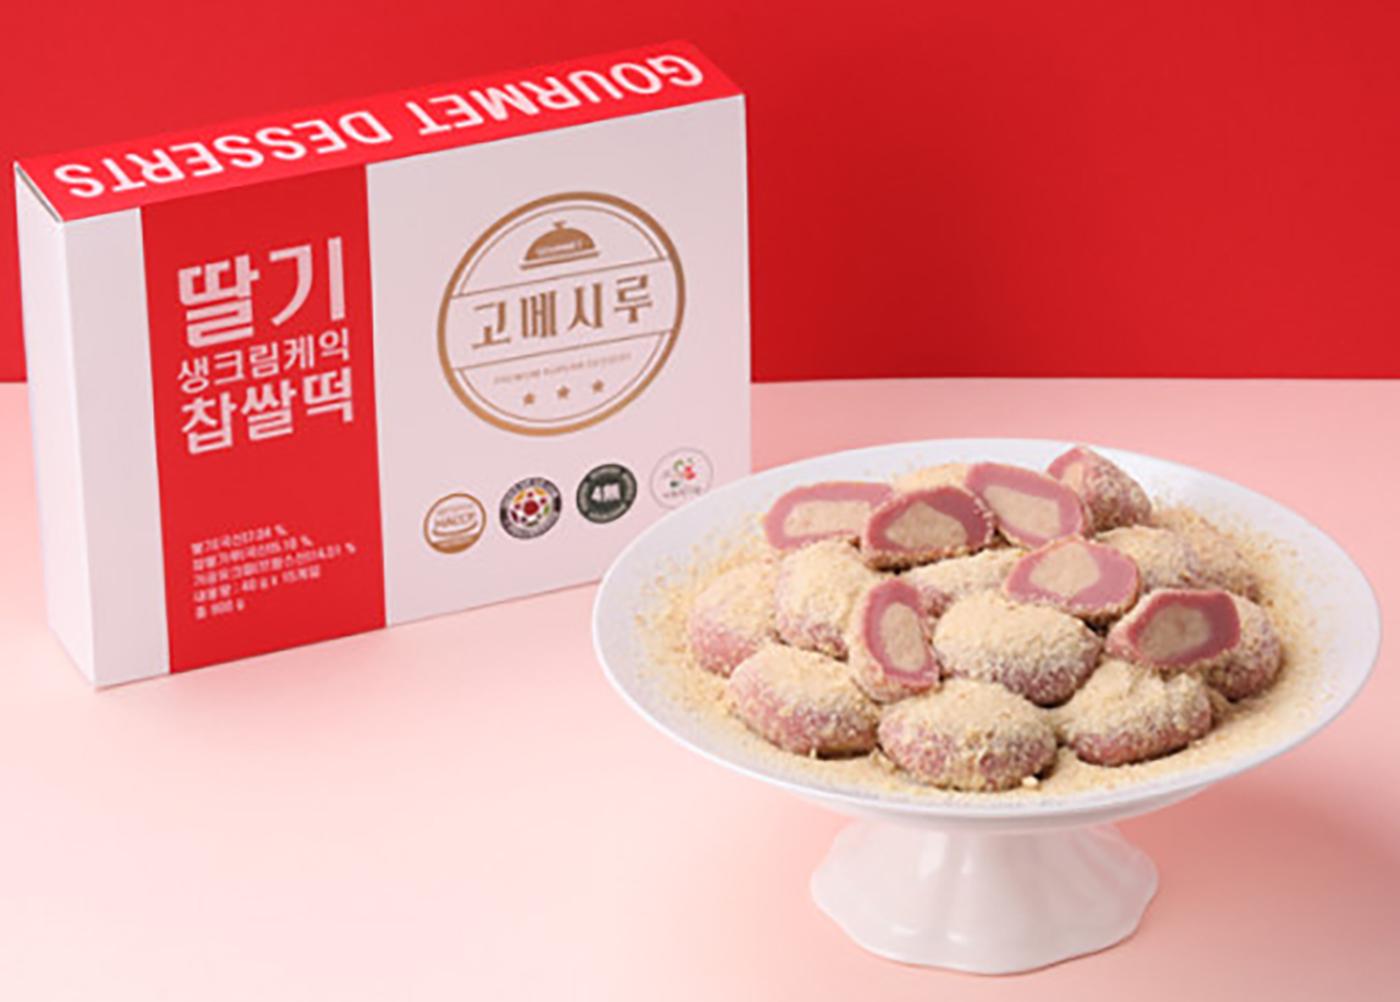 굳지 않는 딸기 생크림 케익 모찌 찹쌀떡 (15입) 상세이미지7